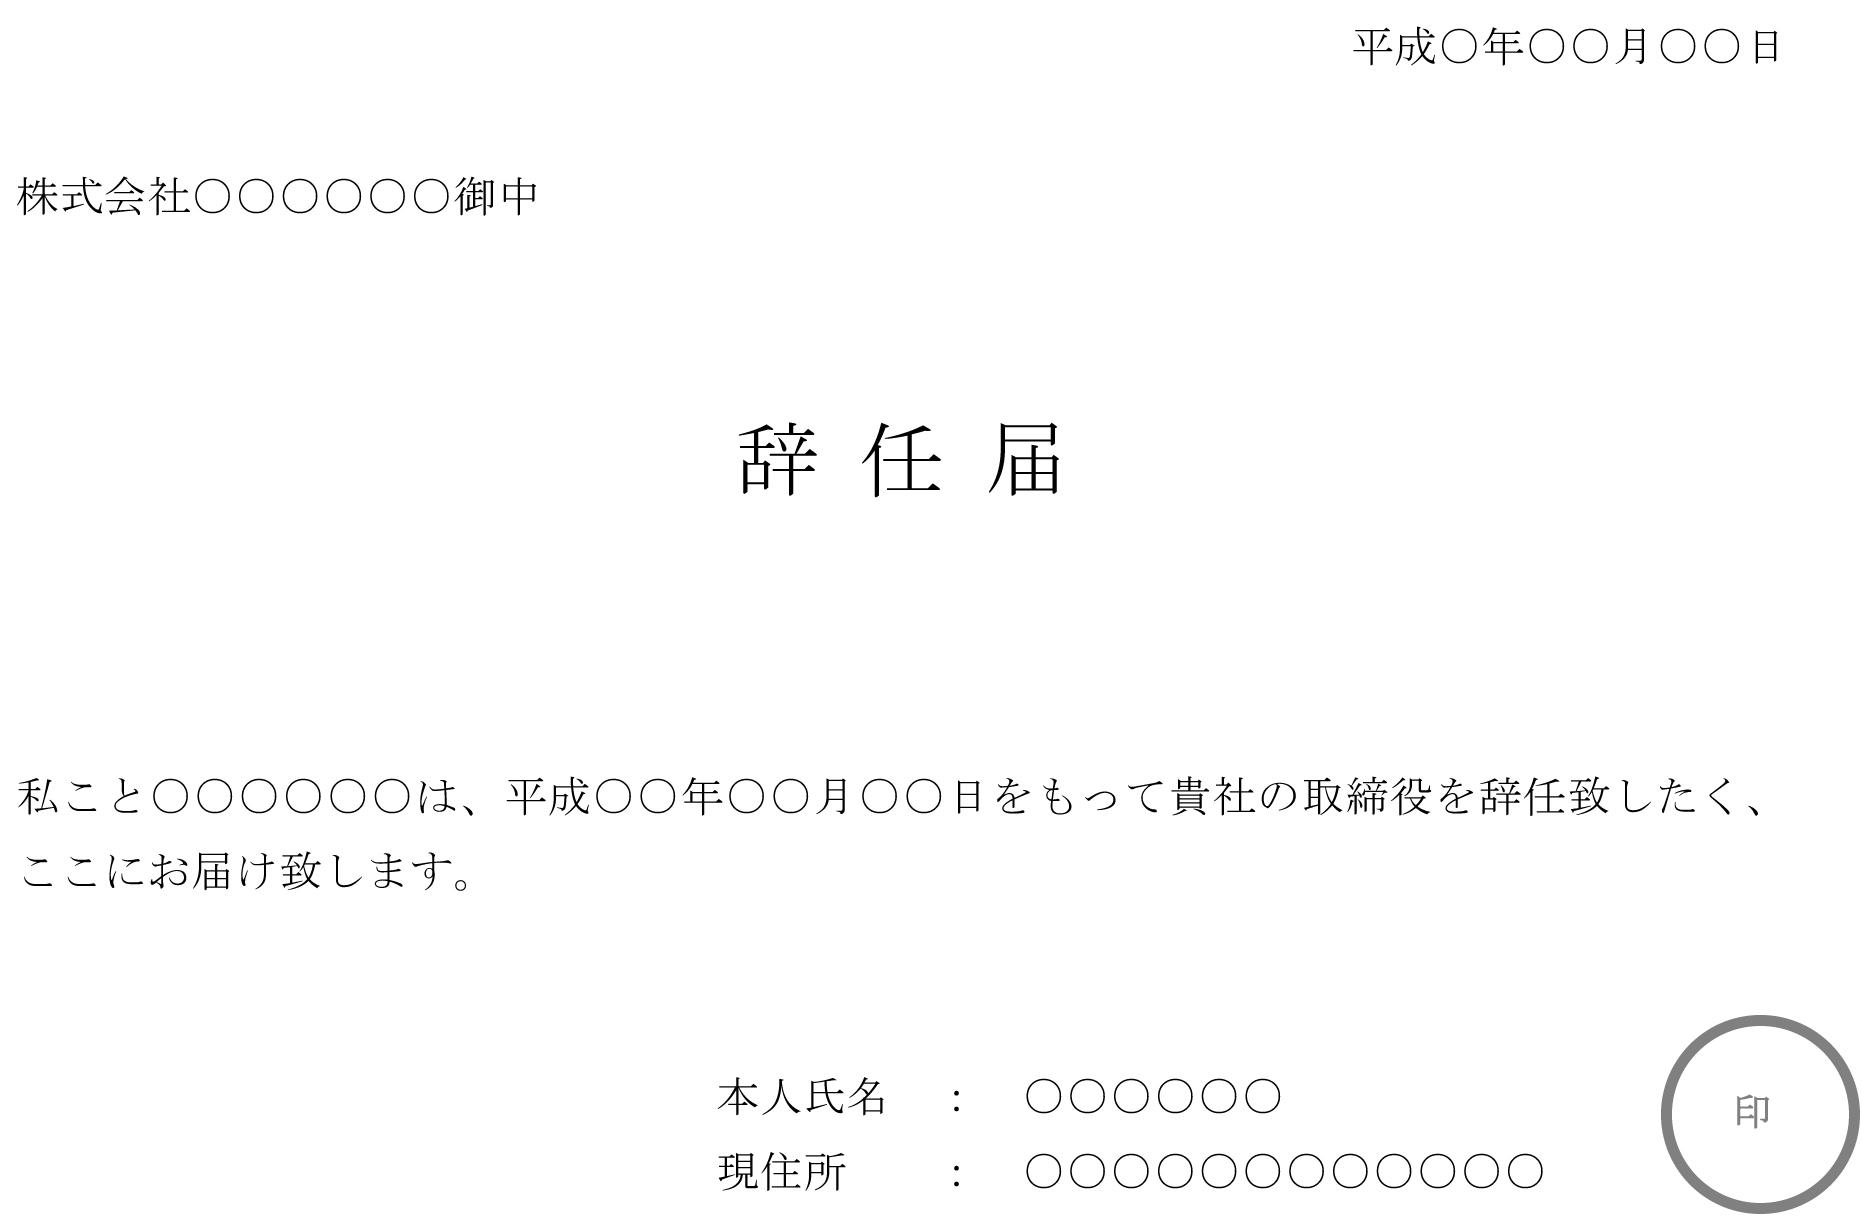 辞任届(取締役)01